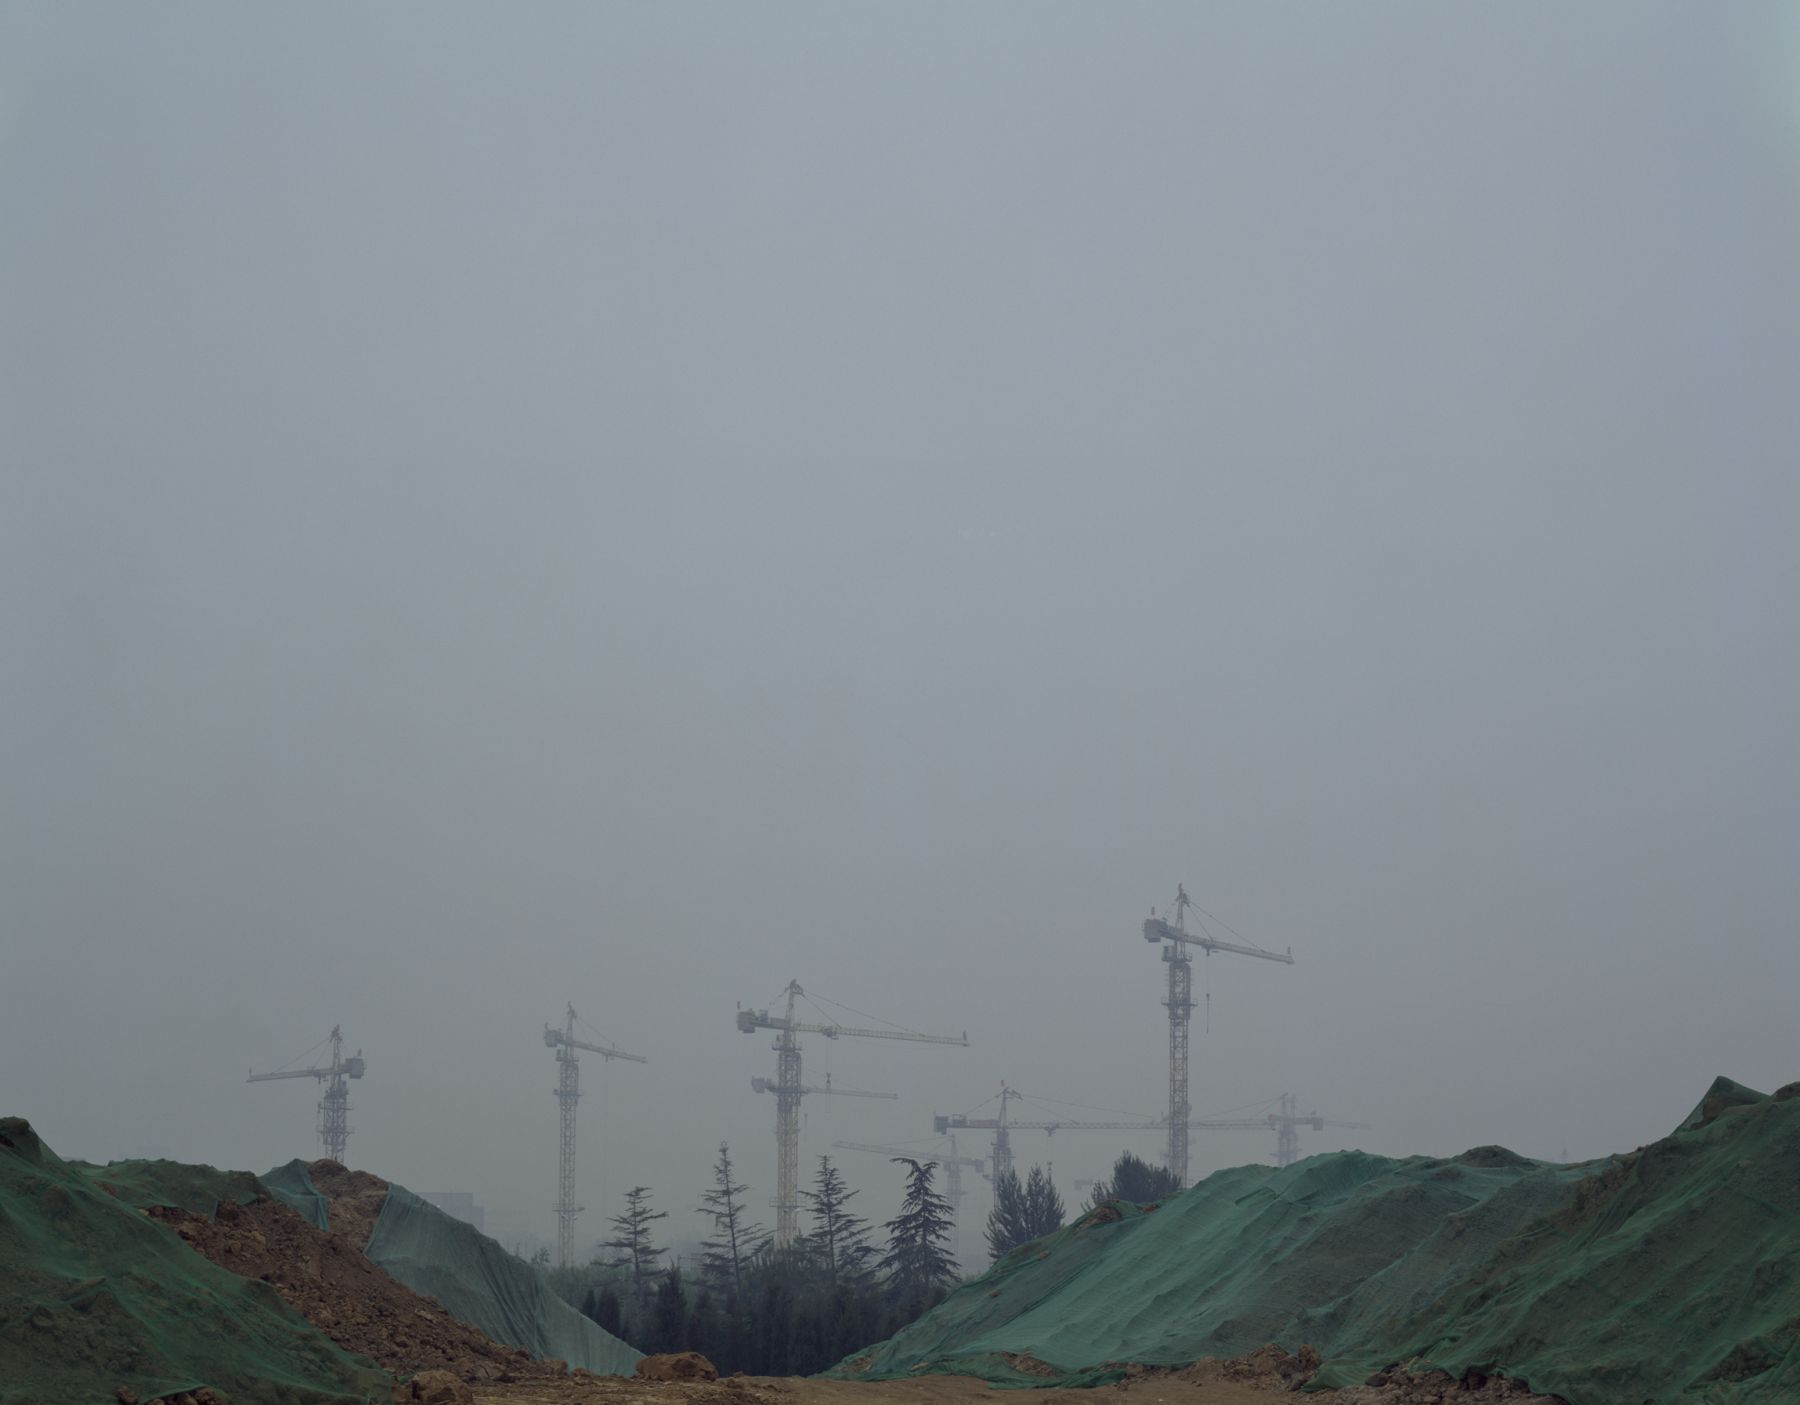 Zhao Liangèµµäº®, Beijing Green No.5åŒ—京绿地之五